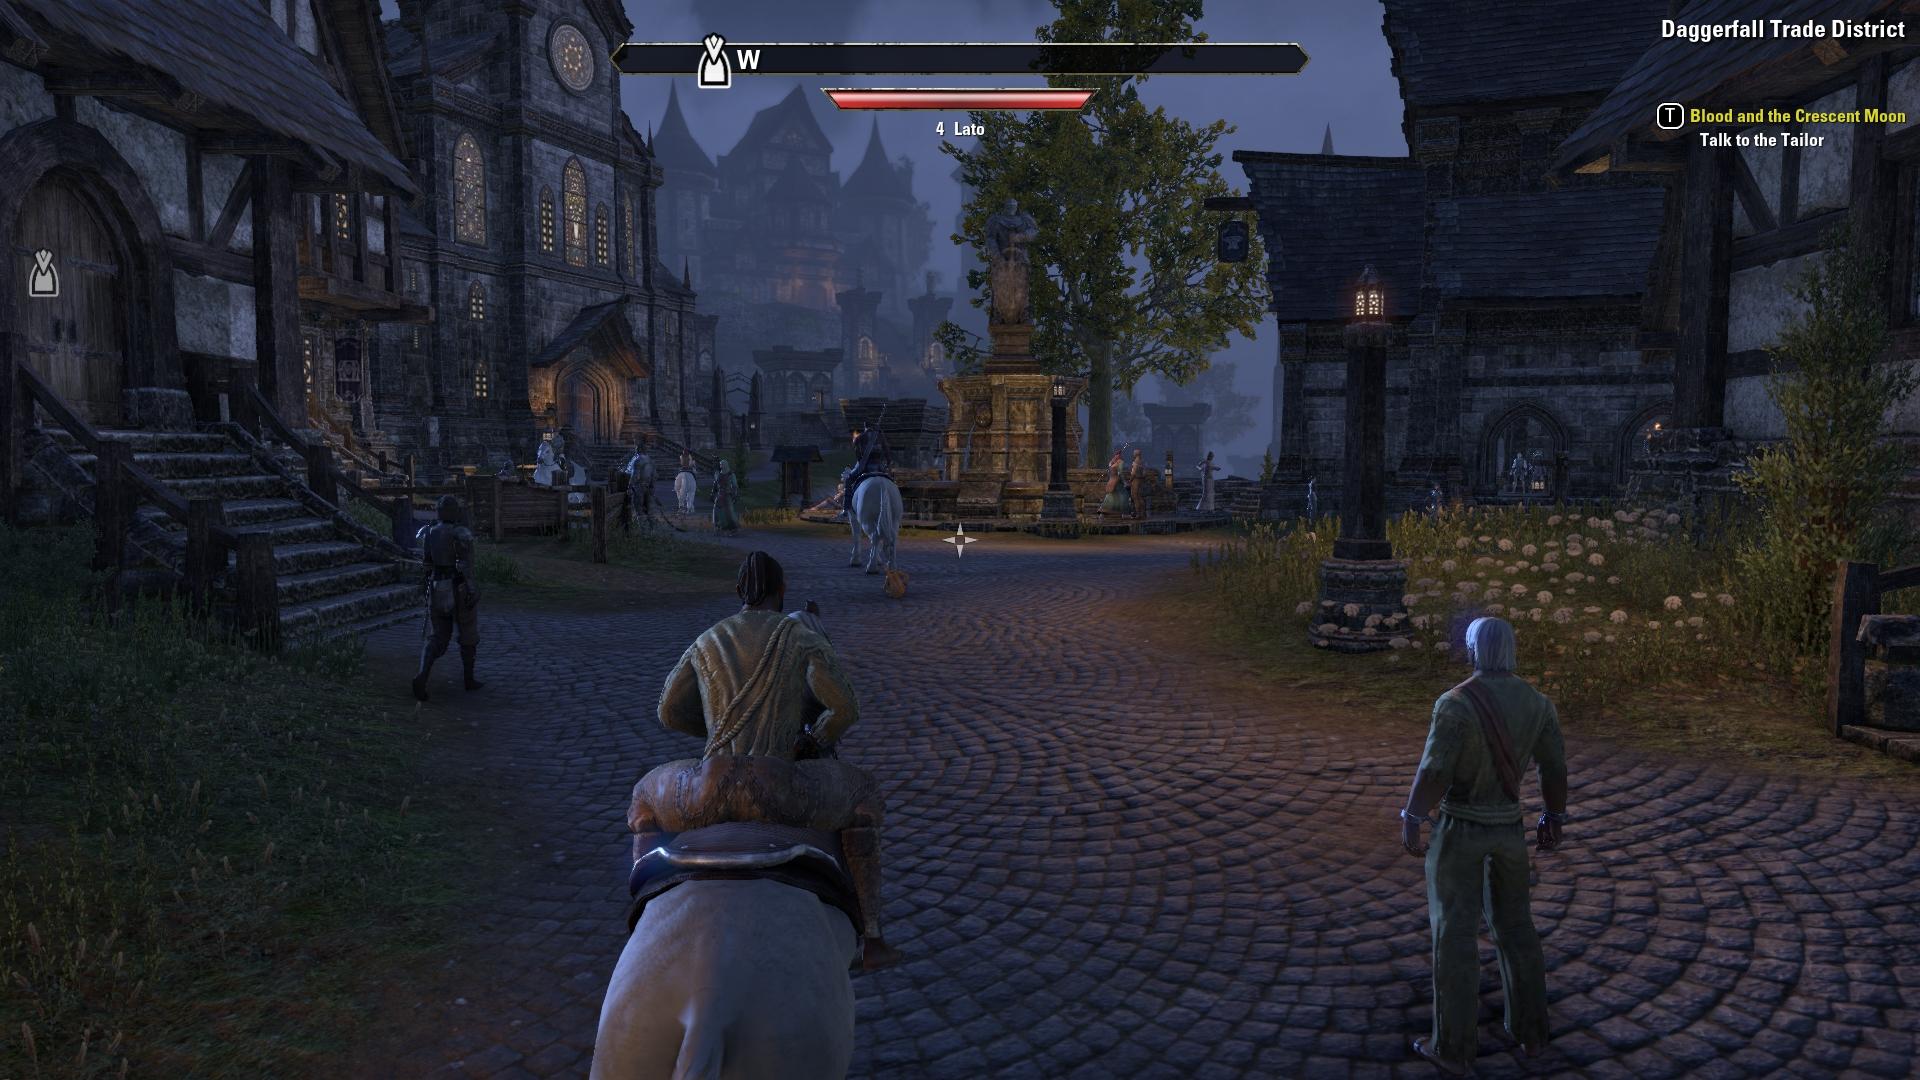 予約特典の馬に乗って、アーリーアクセスの世界を進む